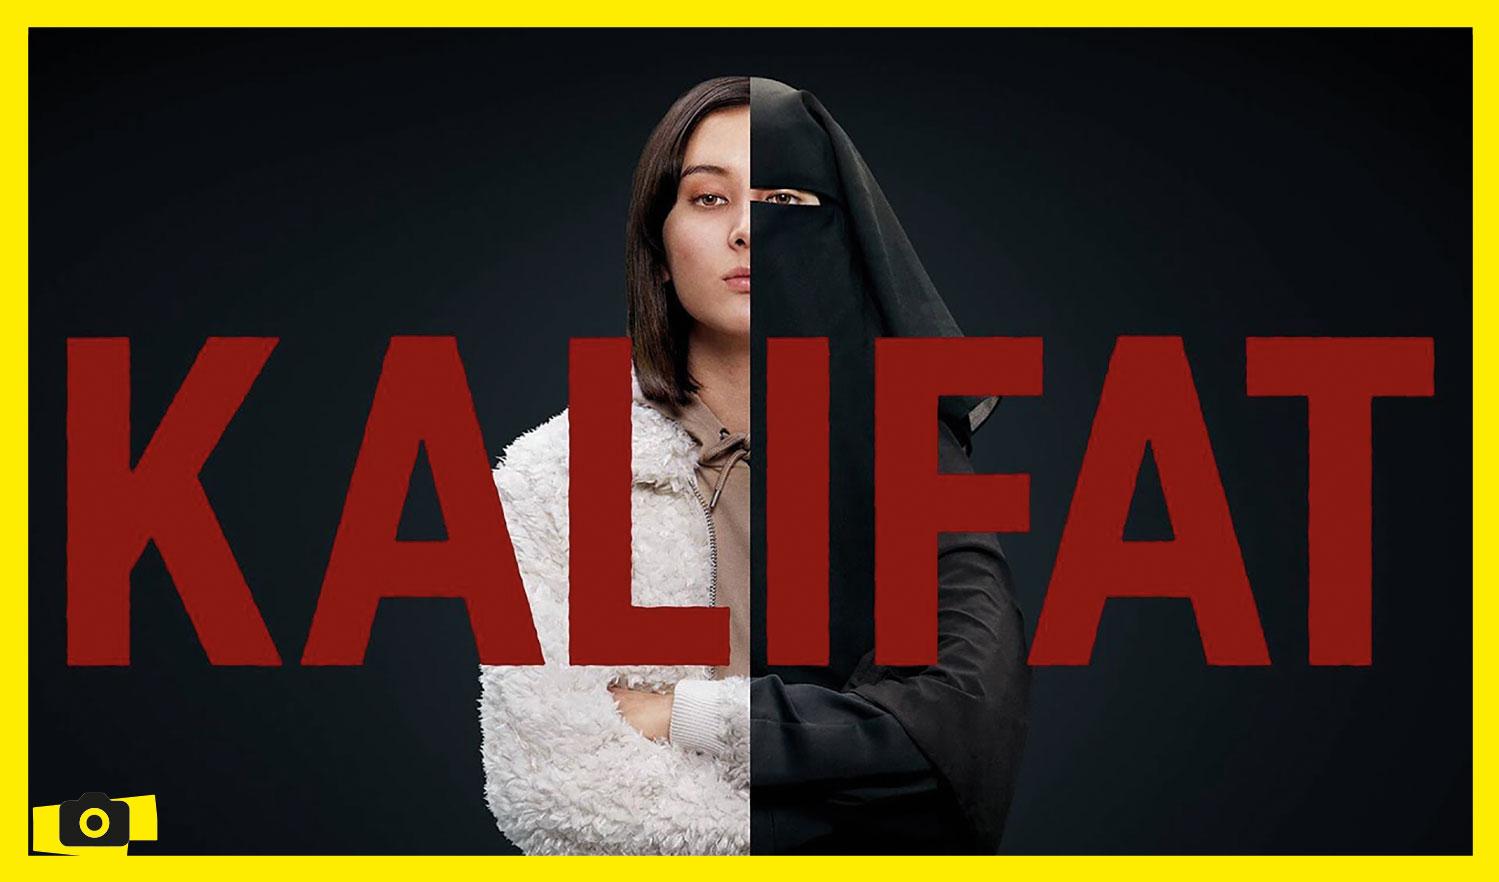 Une série : Kalifat